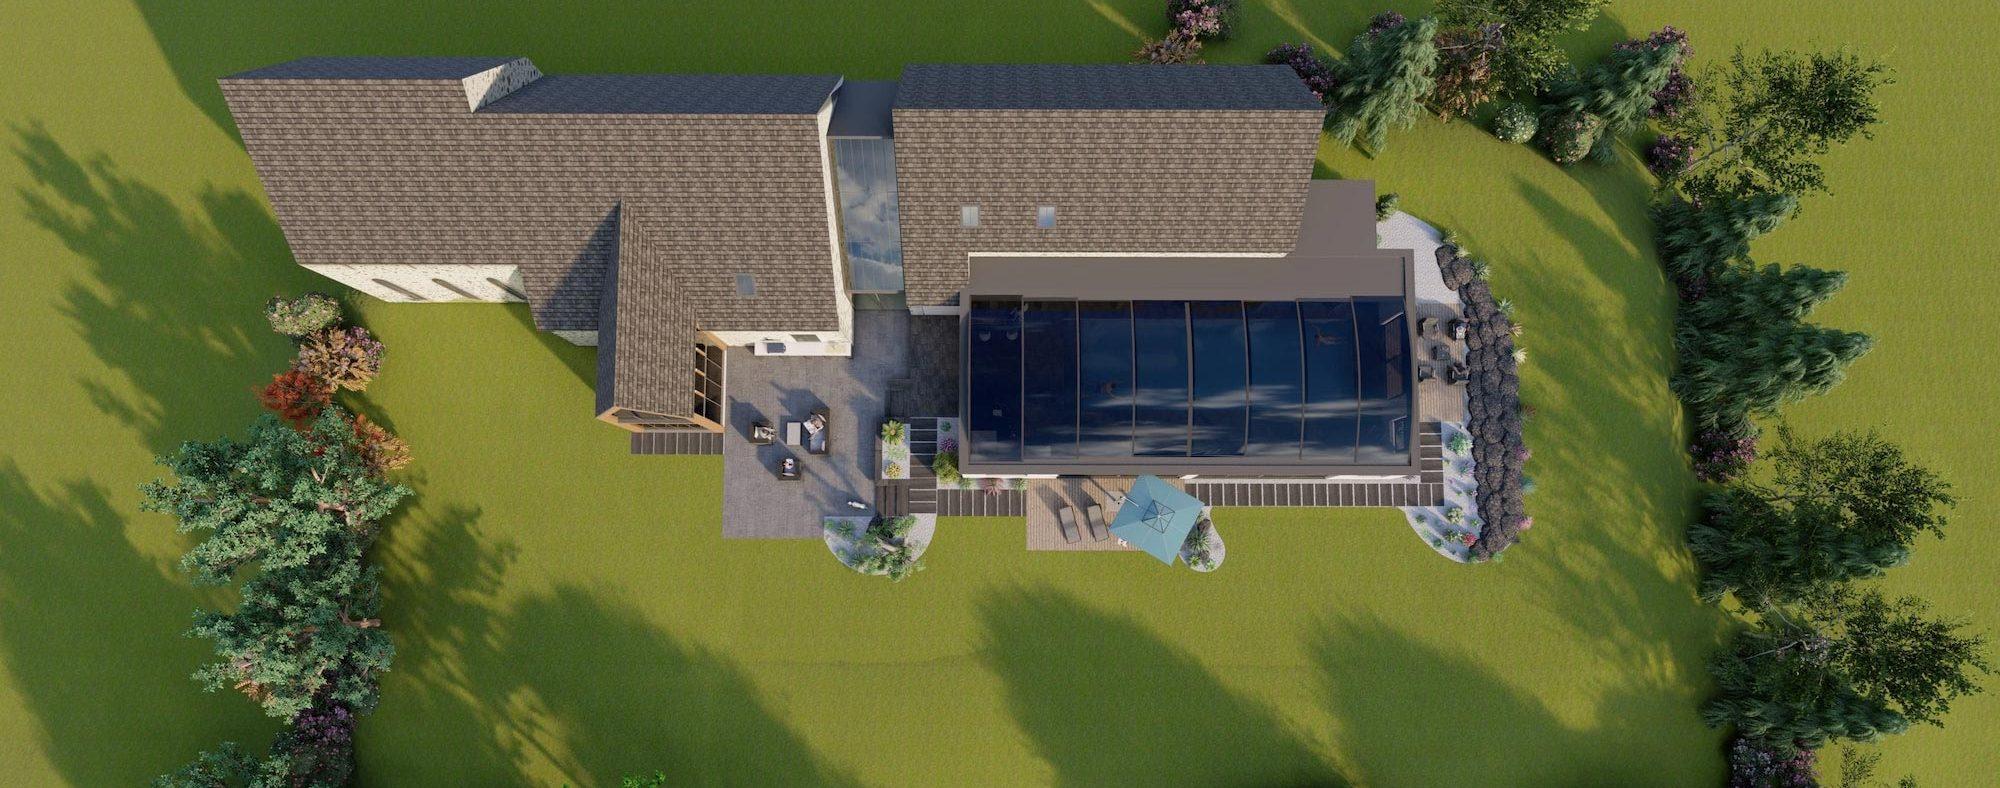 tremblais-createur-piscine-exterieure-rendu-3D_2-1